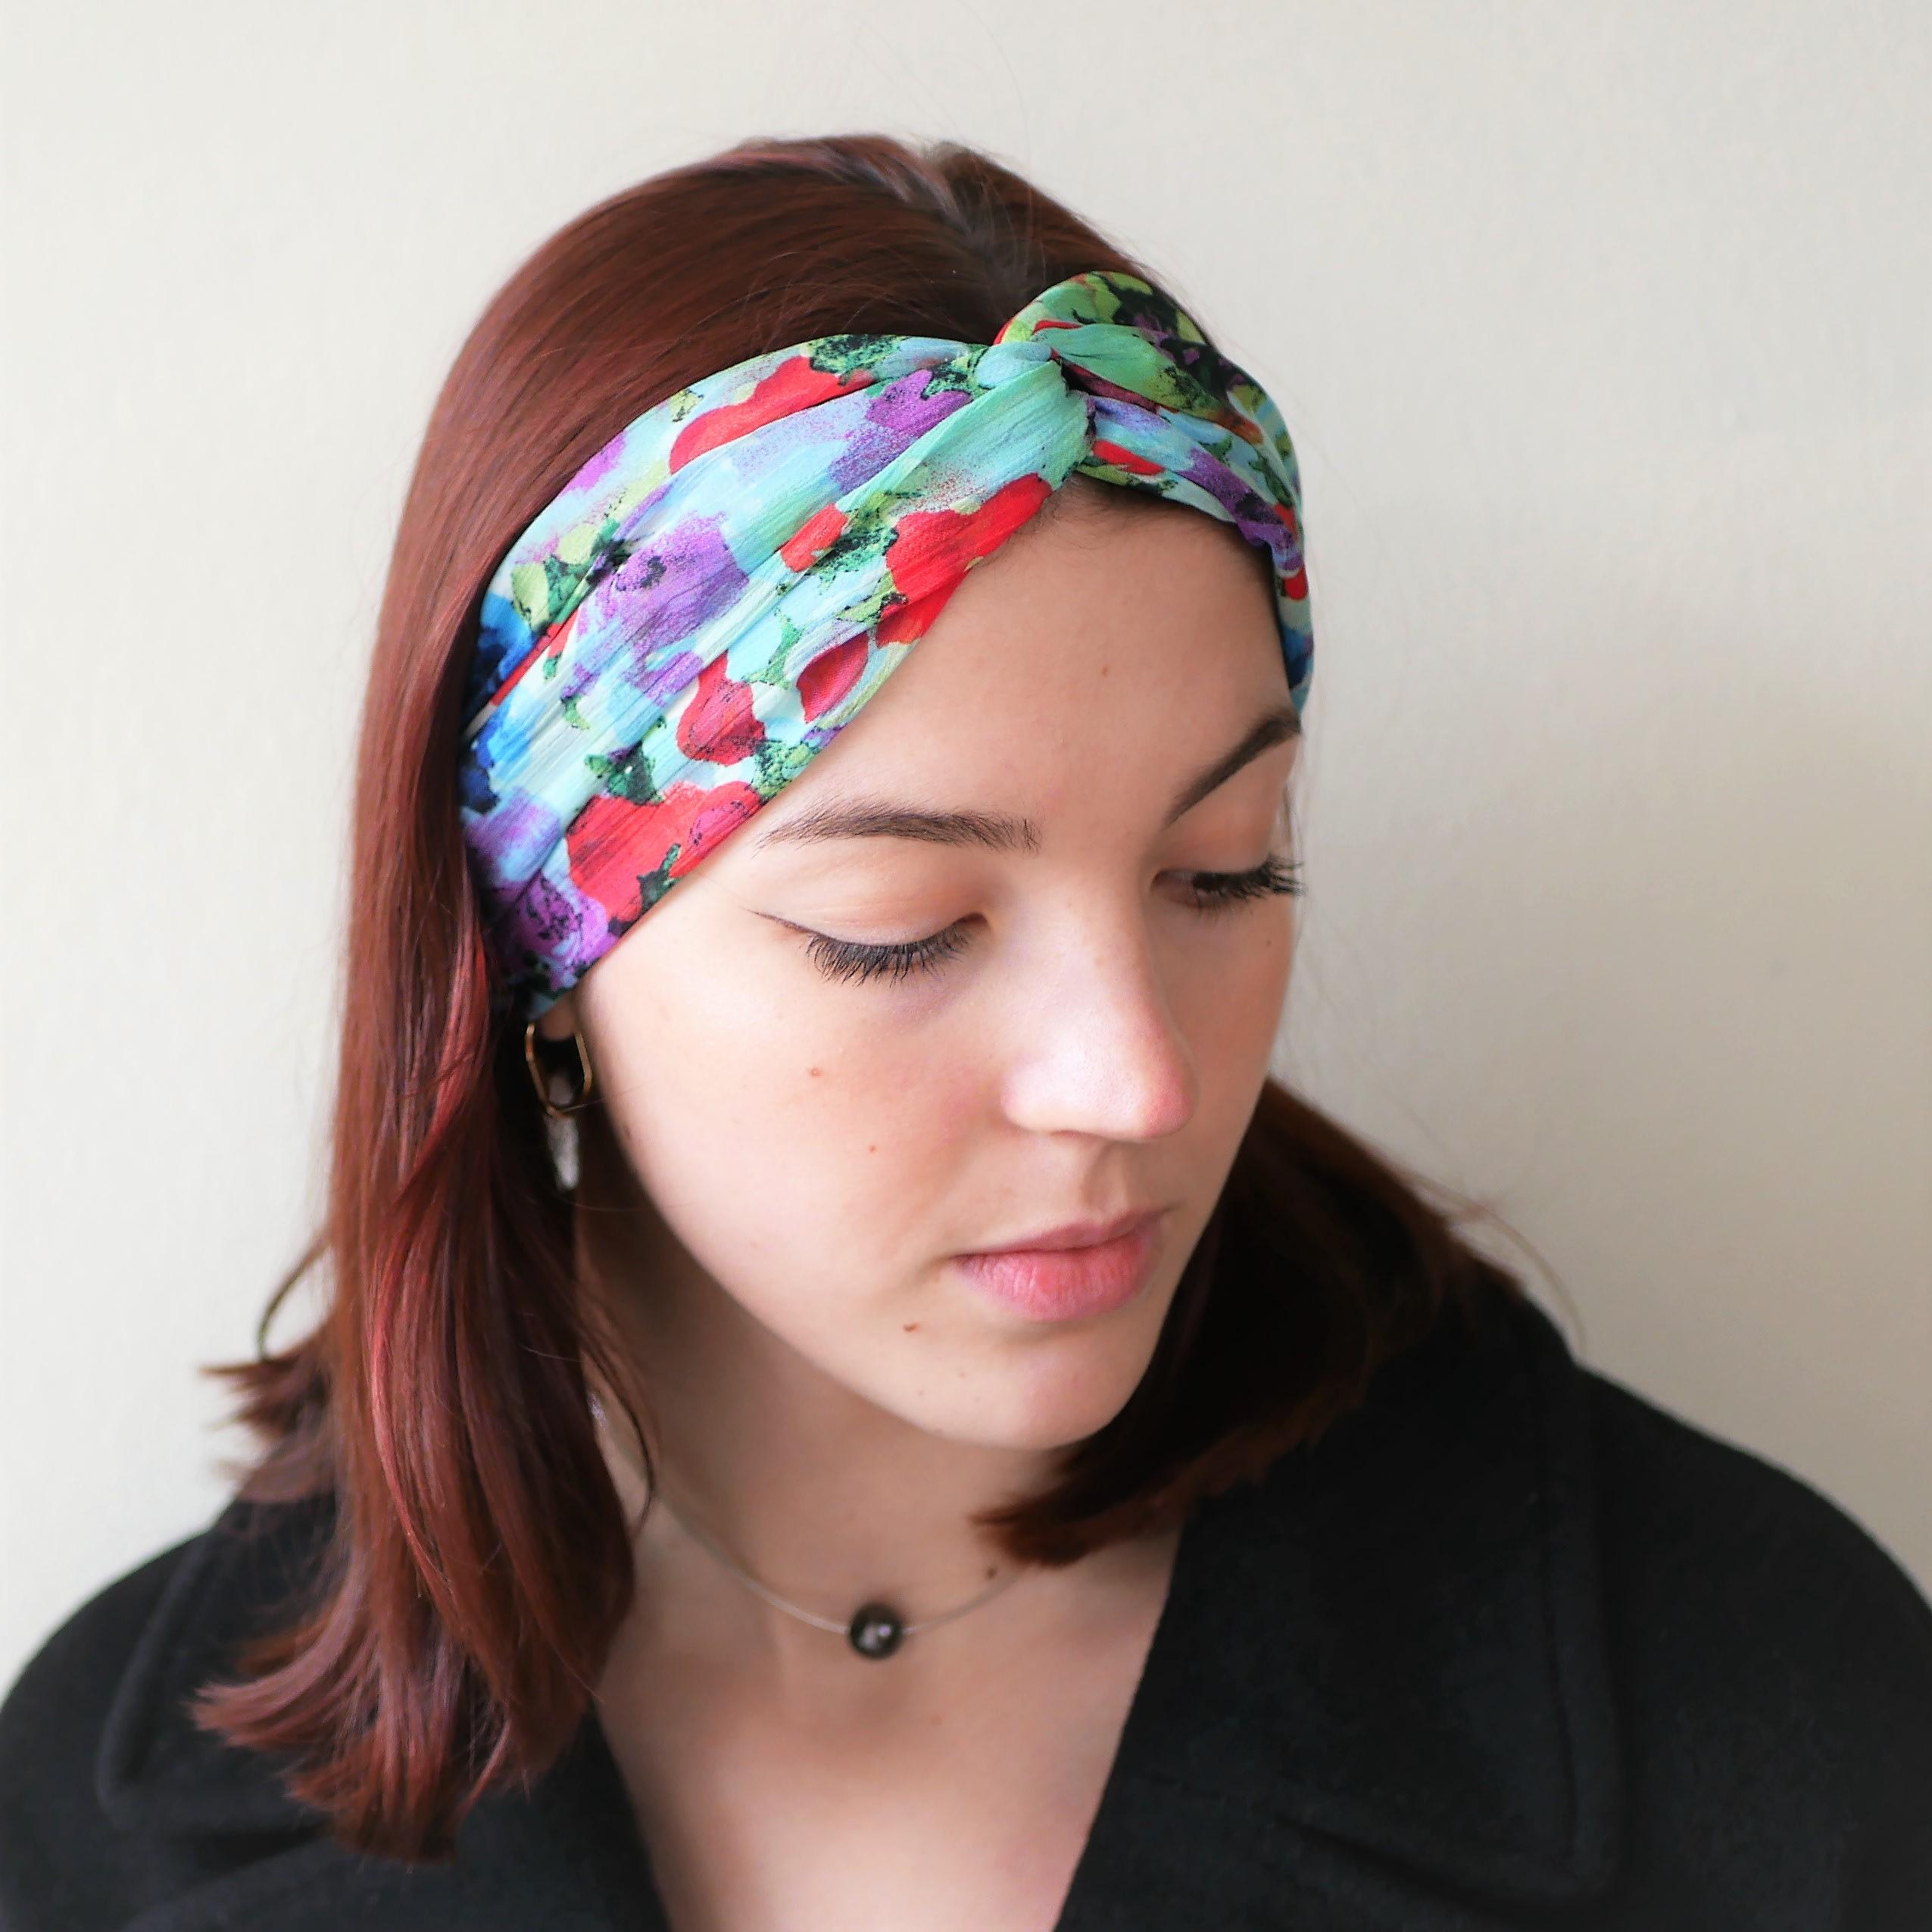 Turban en mousseline turquoise avec fleurs rouge, bleu, vert, violet...  Bandeau en turban, bandeau croisé, bandeau large, turban mariage.